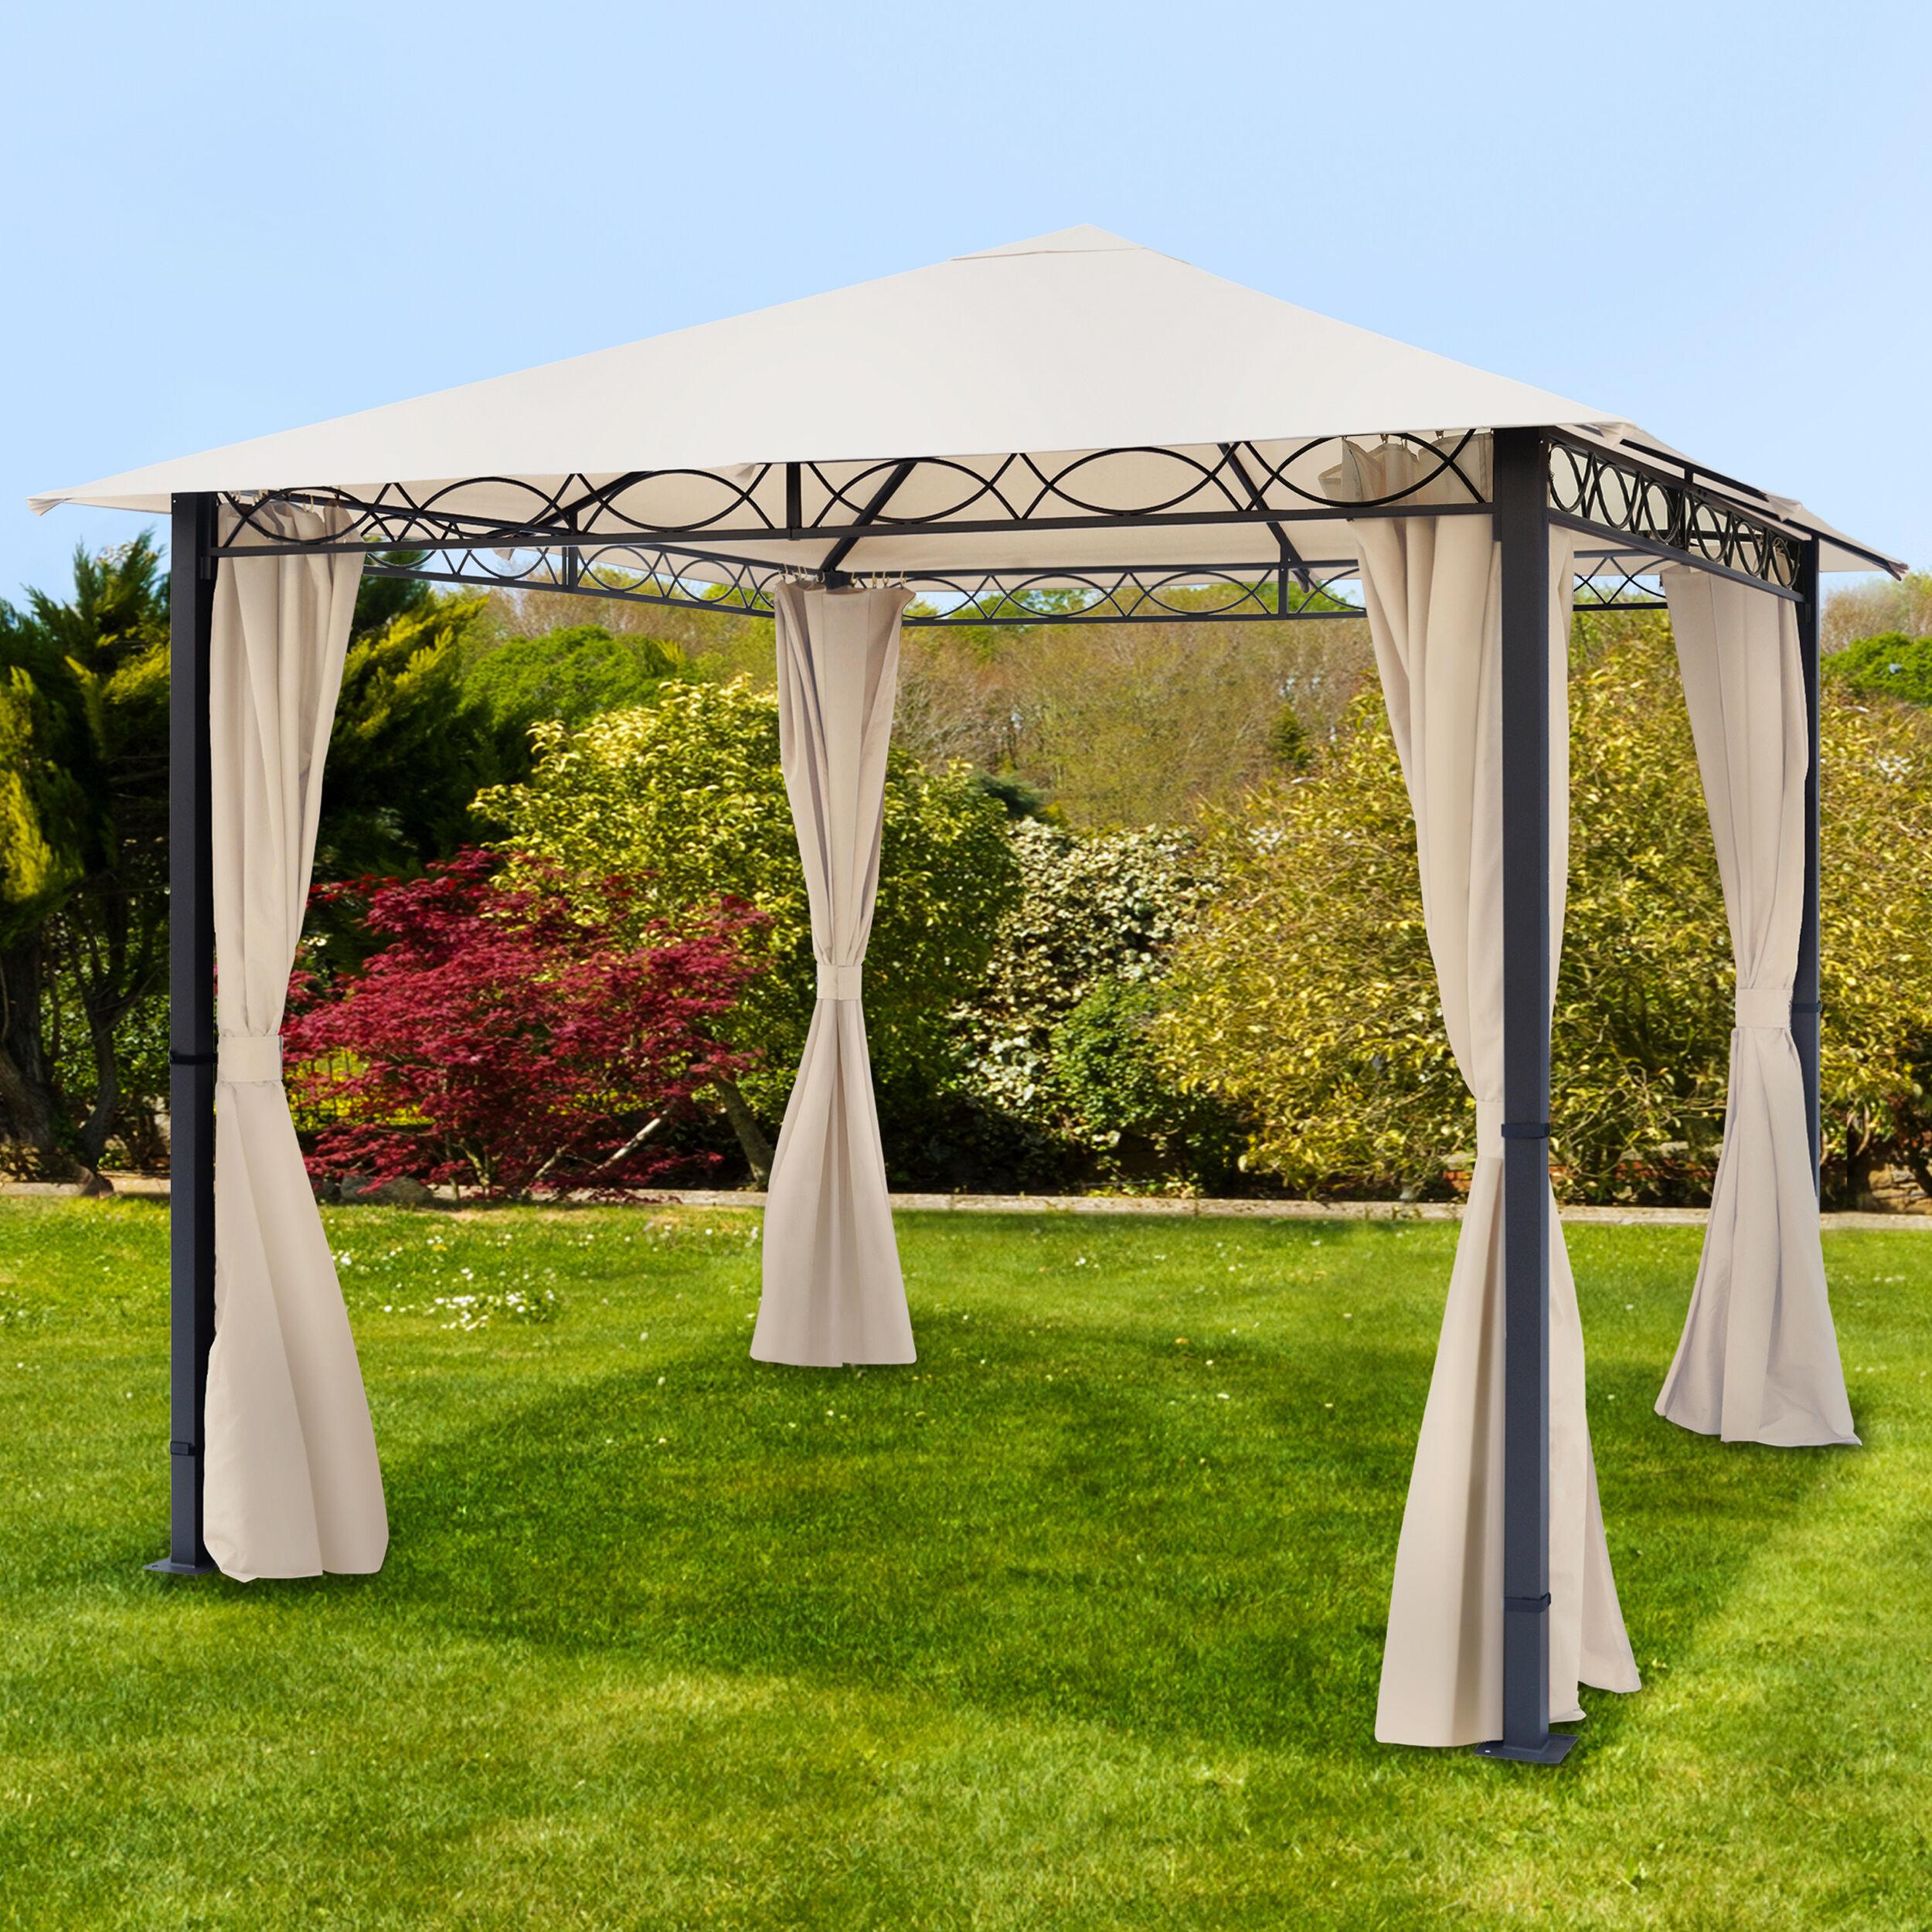 toolport gazebo da giardino 3x3m poliestere con rivestimento in pu 220 g/m² crema impermeabile